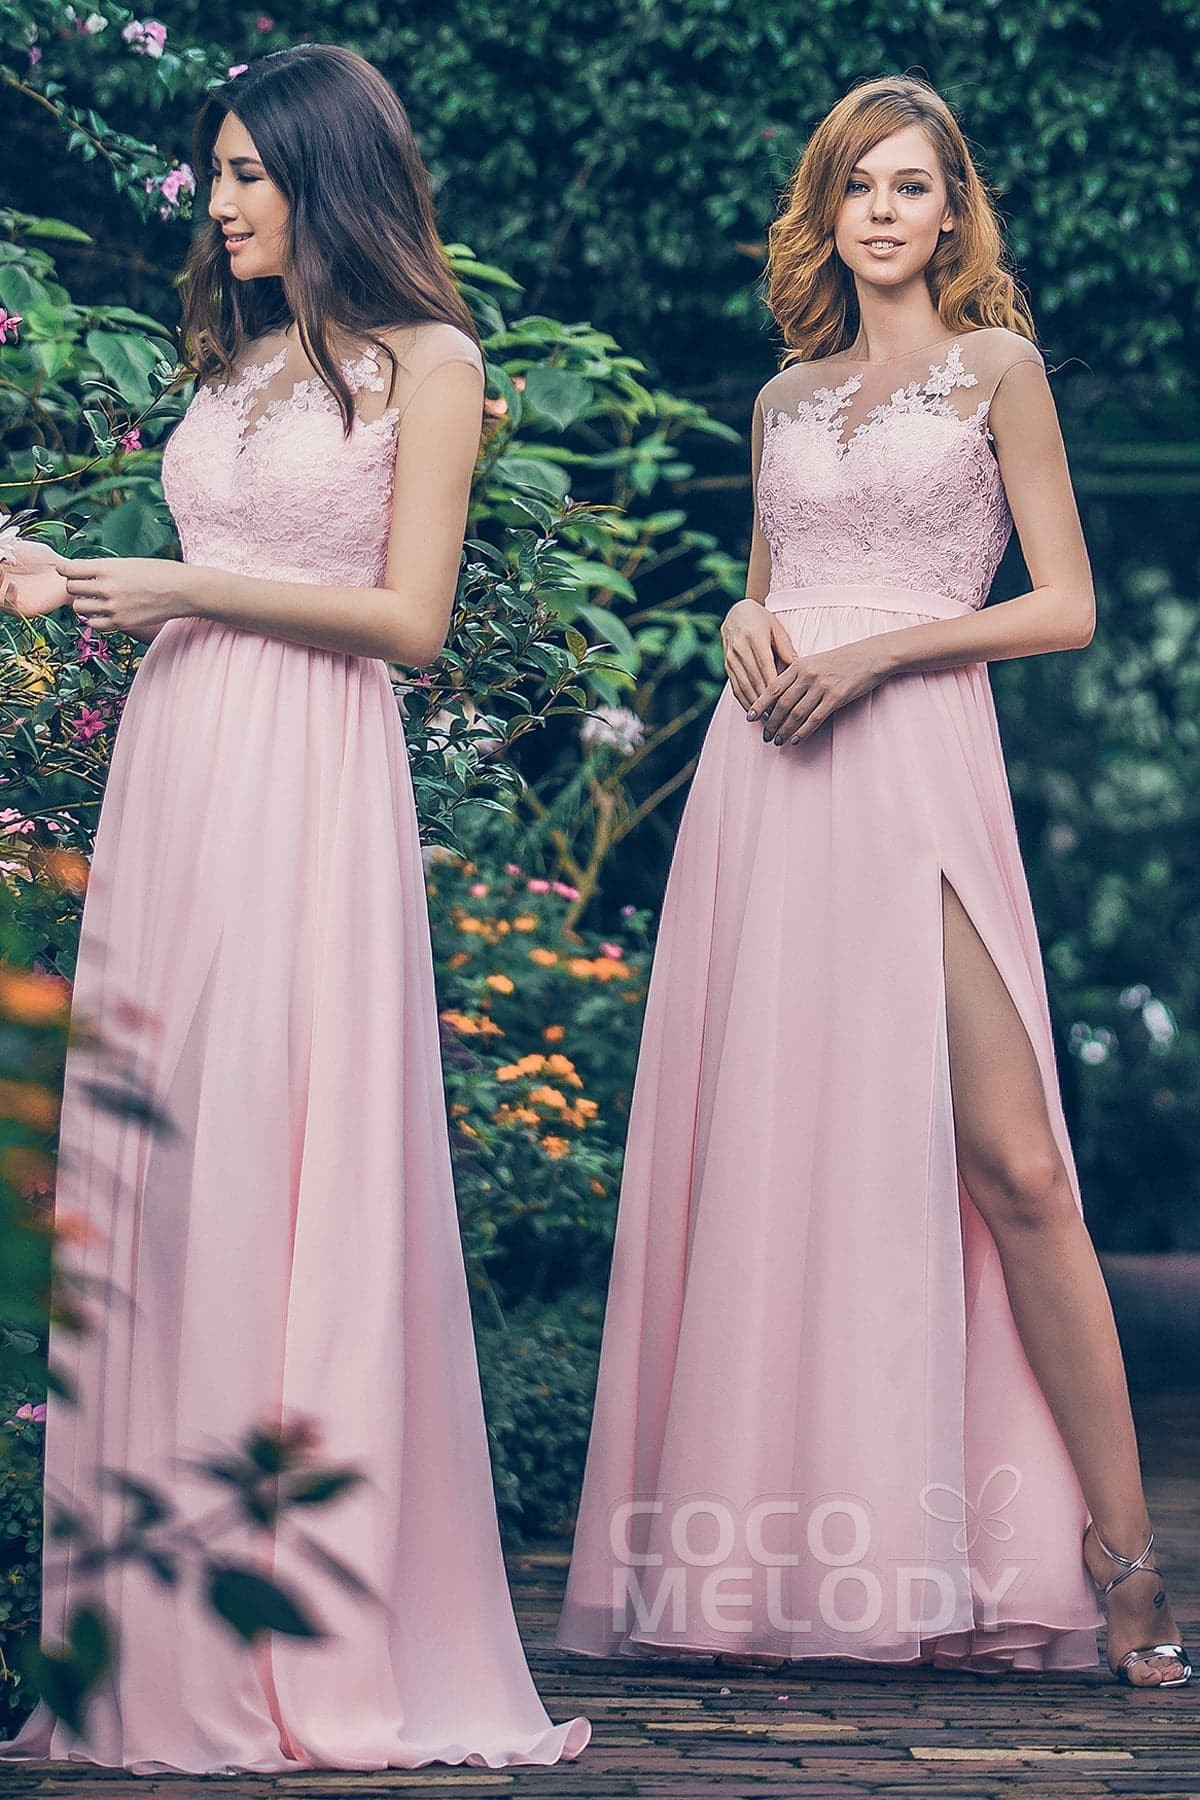 Lace and Chiffon Bridesmaid